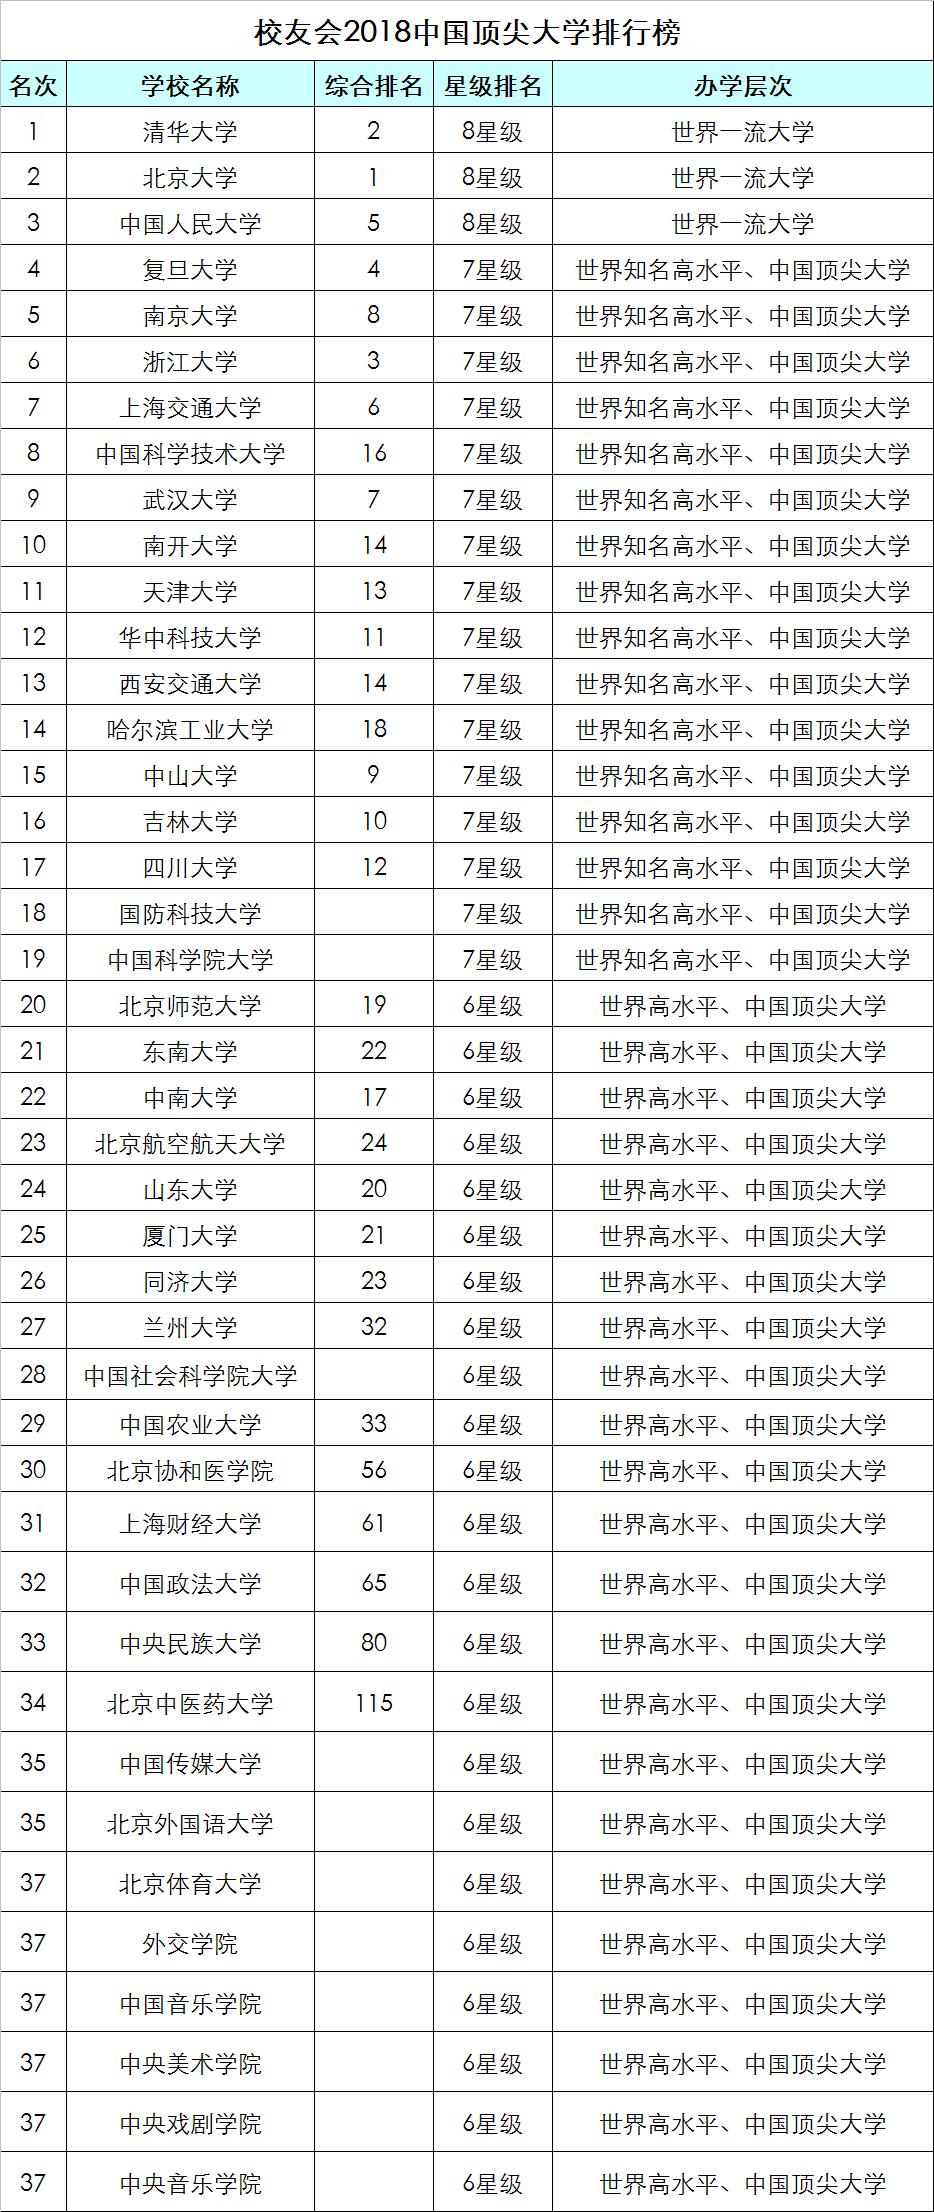 最新2018中国顶尖大学排行榜揭晓,全国42所高校上榜!